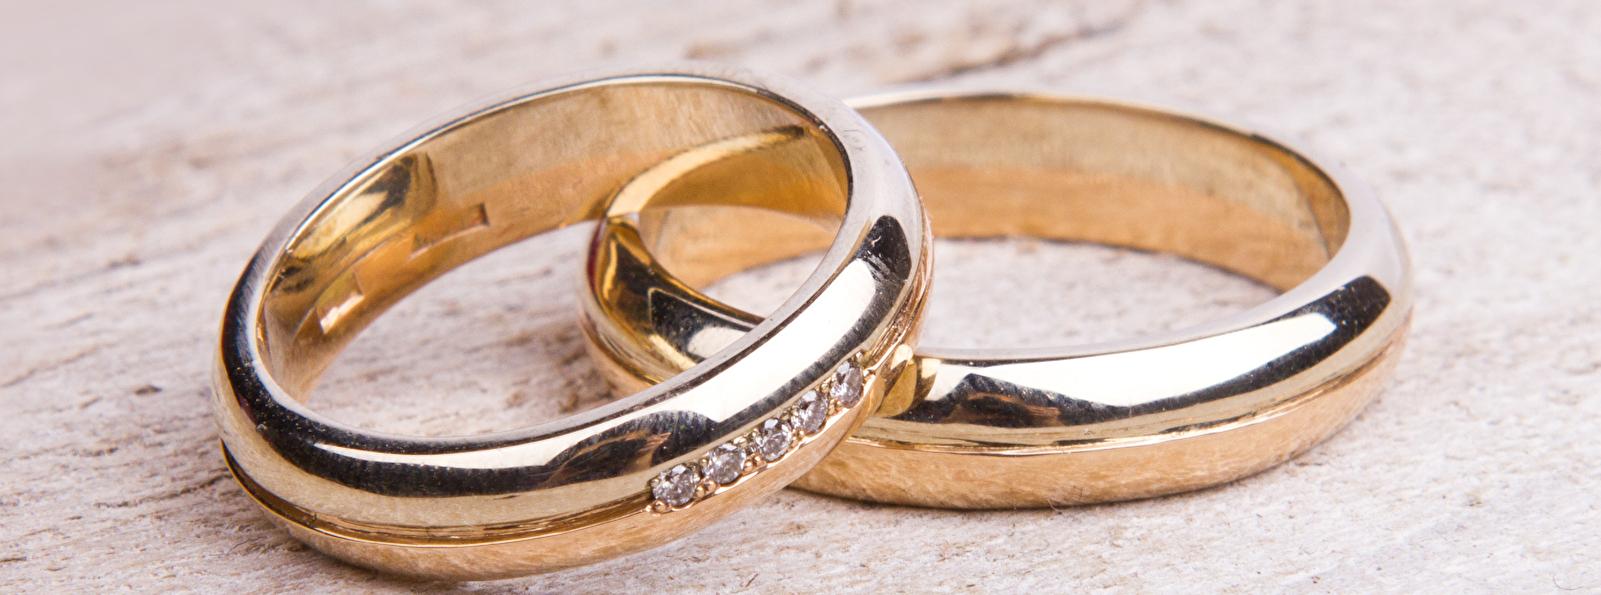 Bild zum Thema Ehe und Partnerschaft